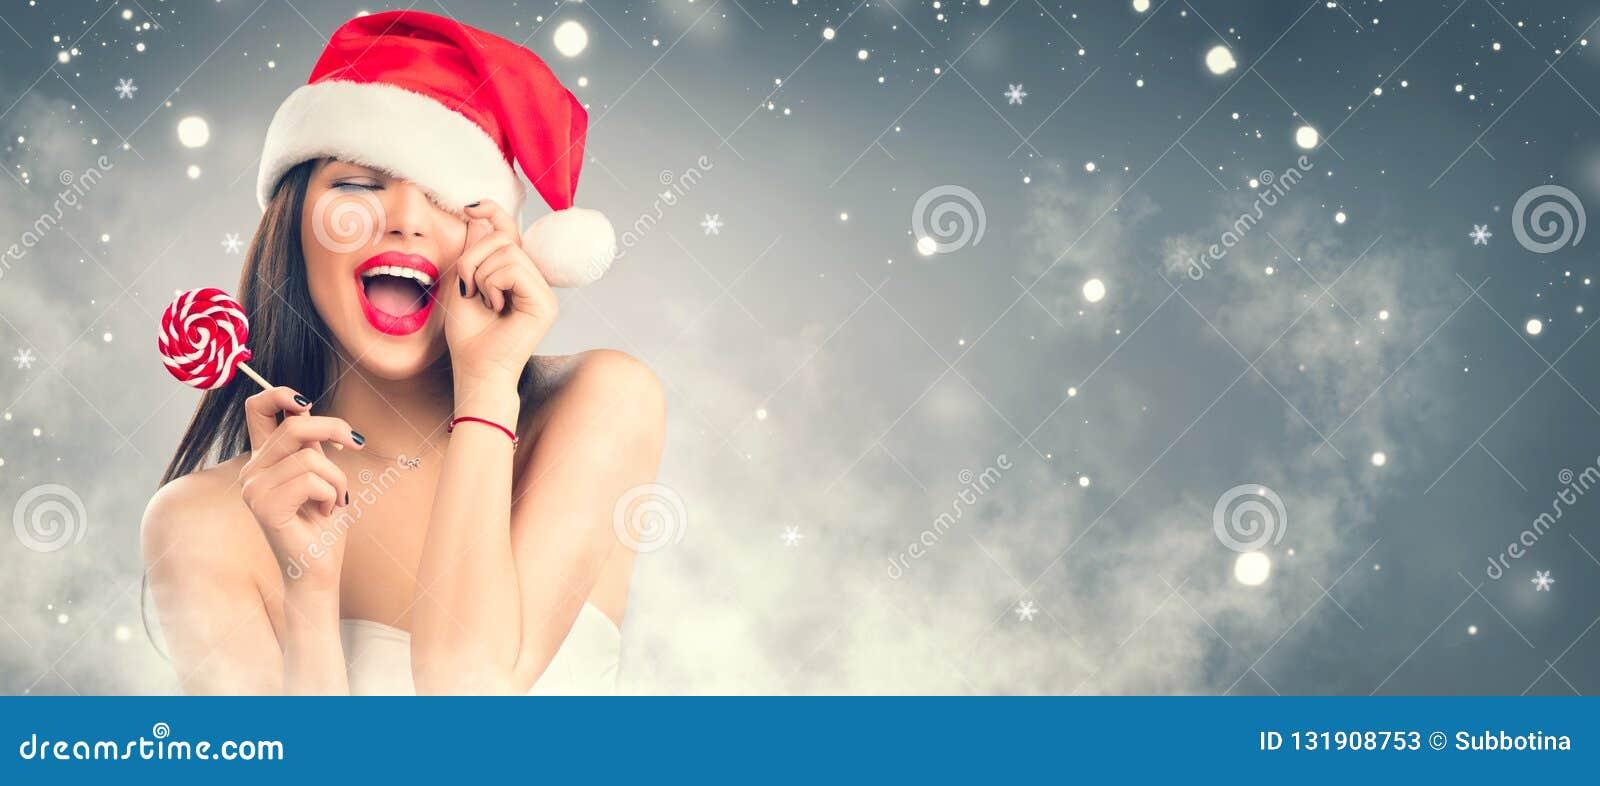 γυναίκα santa τσαντών Χαρούμενο πρότυπο κορίτσι στο καπέλο Santa με τα κόκκινα χείλια και lollipop καραμέλα στο χέρι της